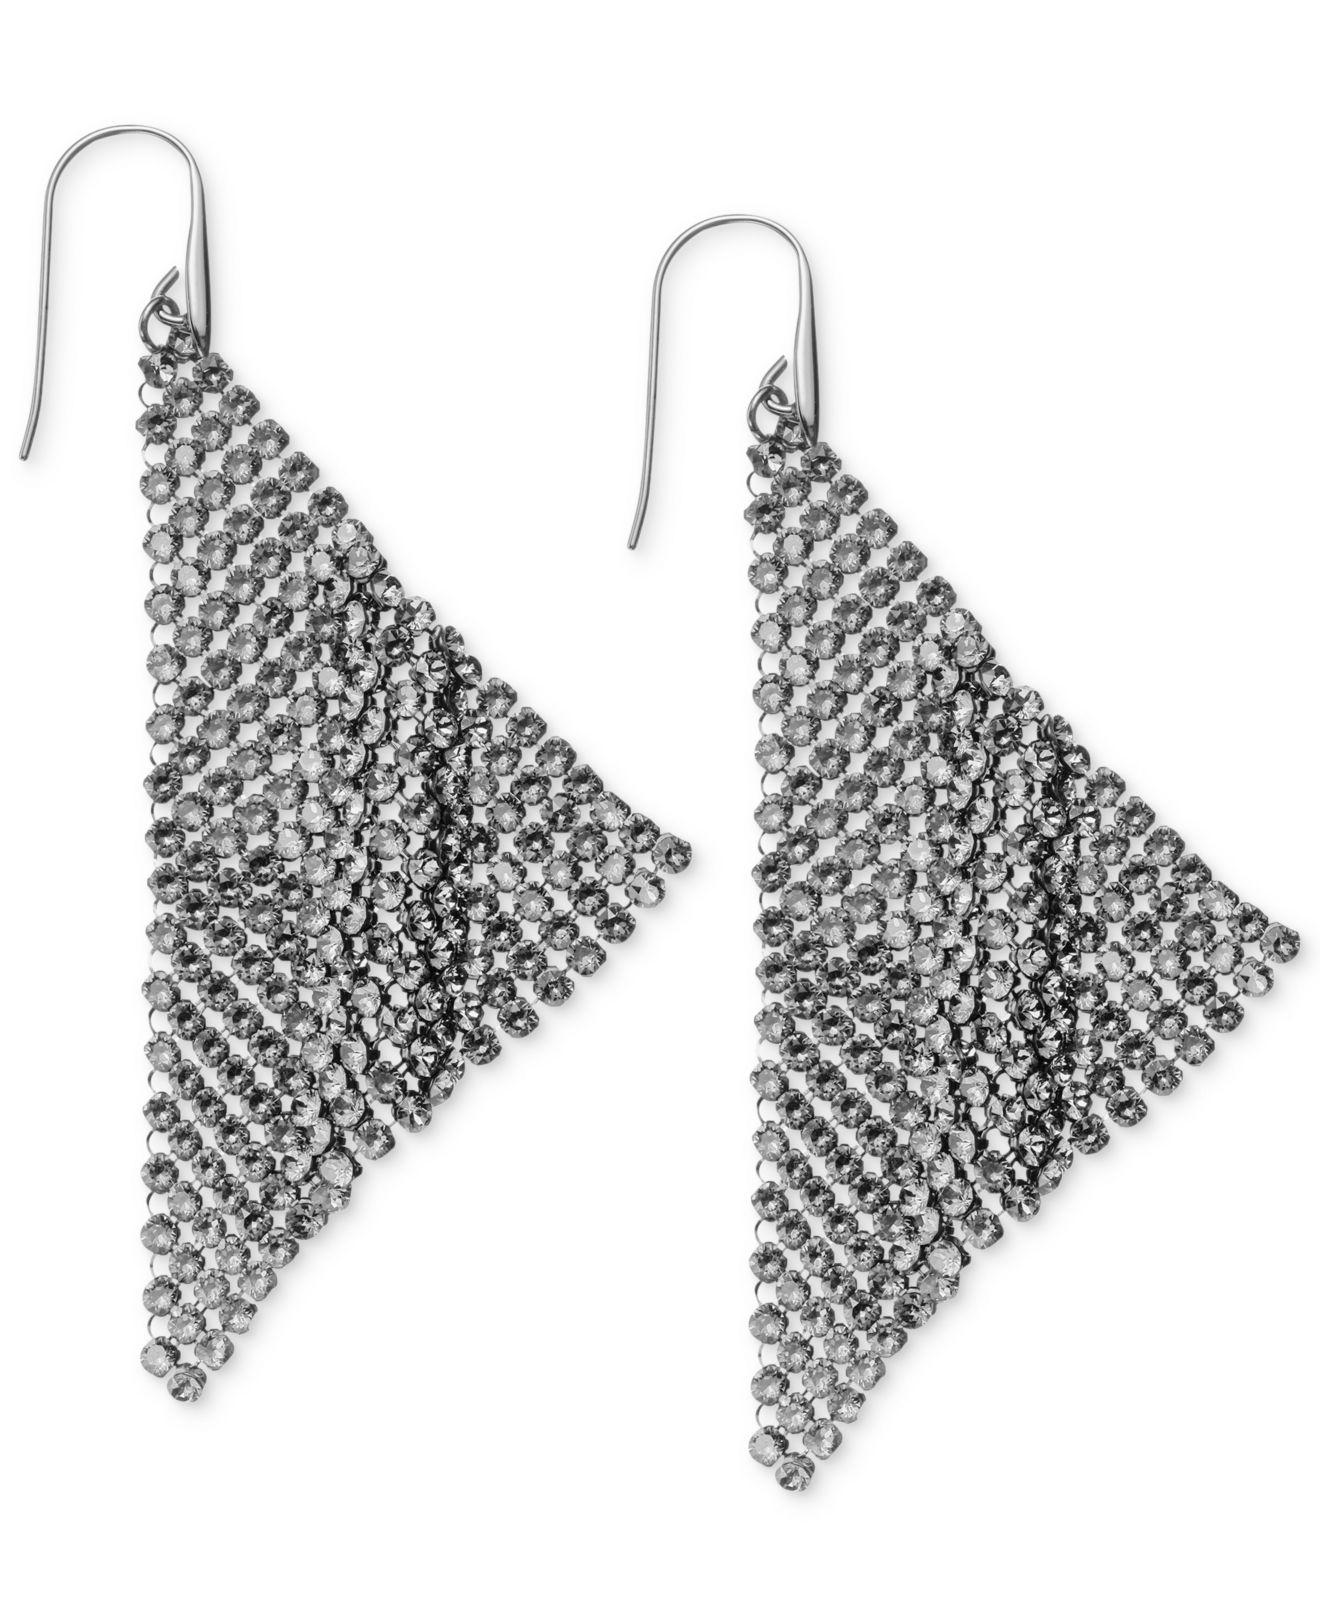 Swarovski Ruthenium Plated Black Crystal Mesh Drop Earrings In